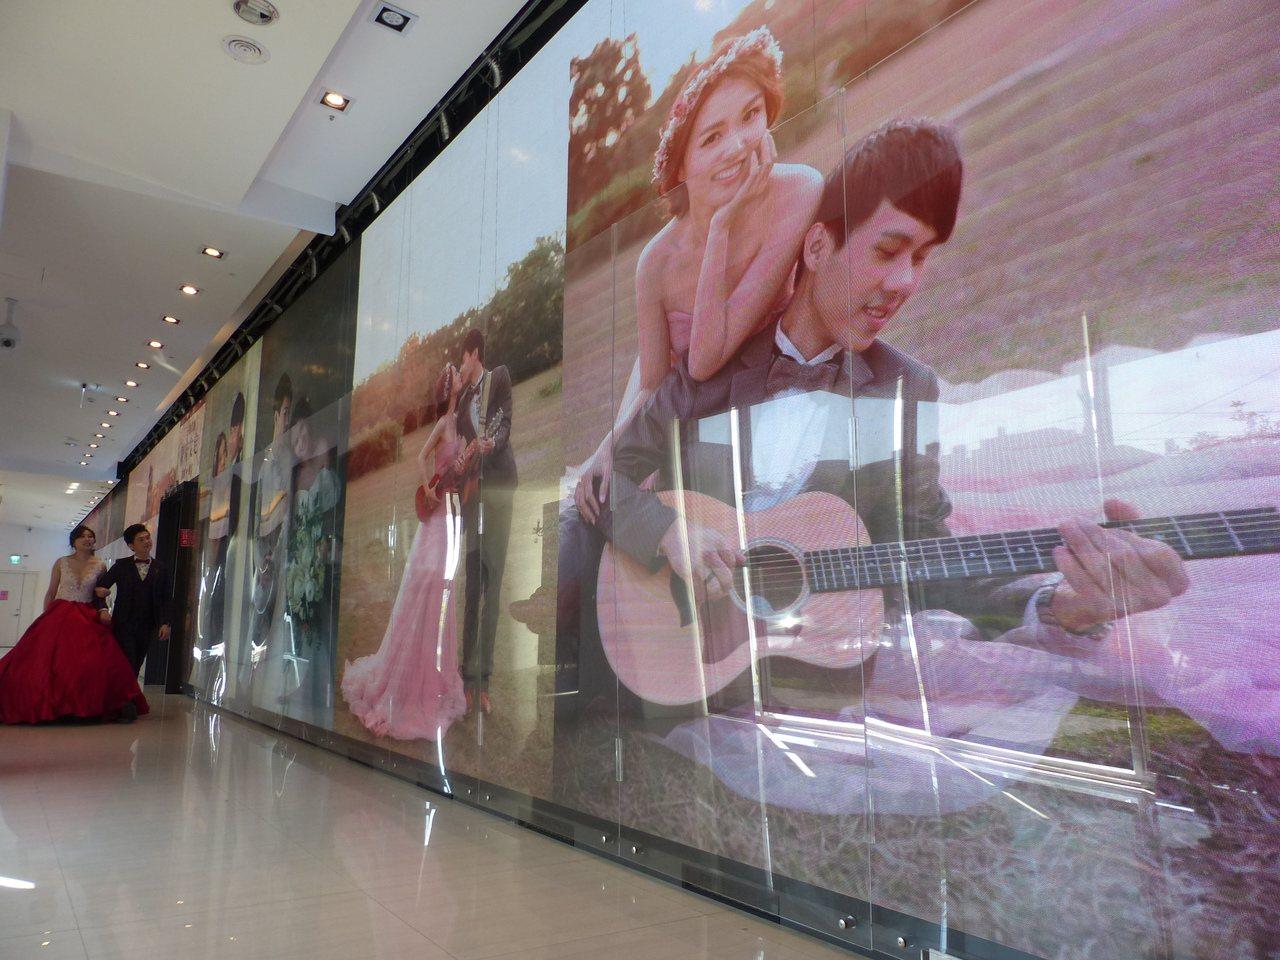 彰化縣花壇鄉全國麗園大飯店砸3000萬元,打造2000吋無接縫4K電視牆,巨大的...